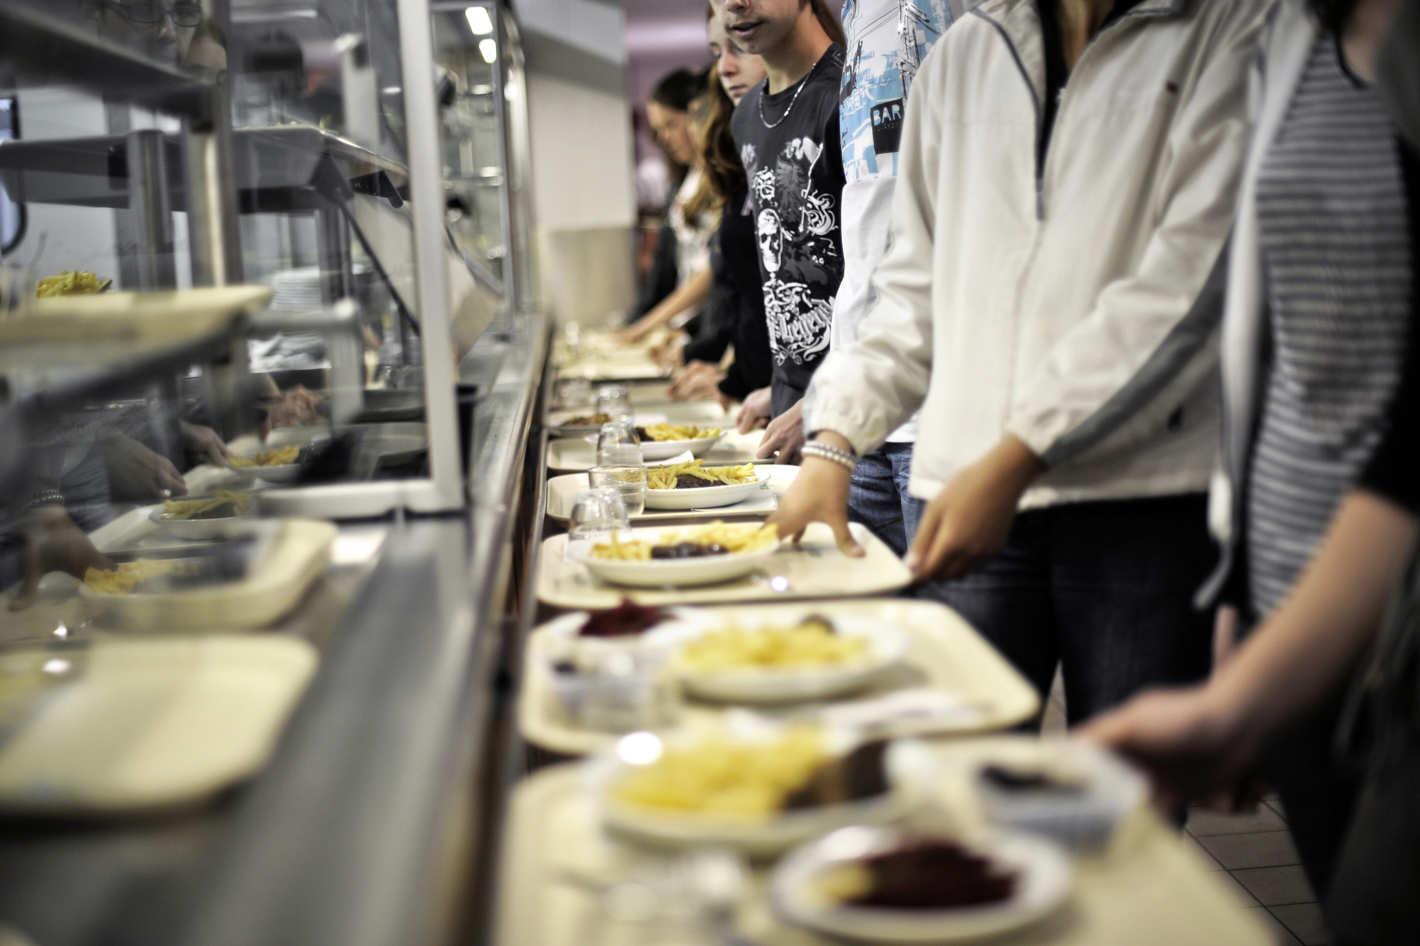 05-school-lunch.w710.h473.2x